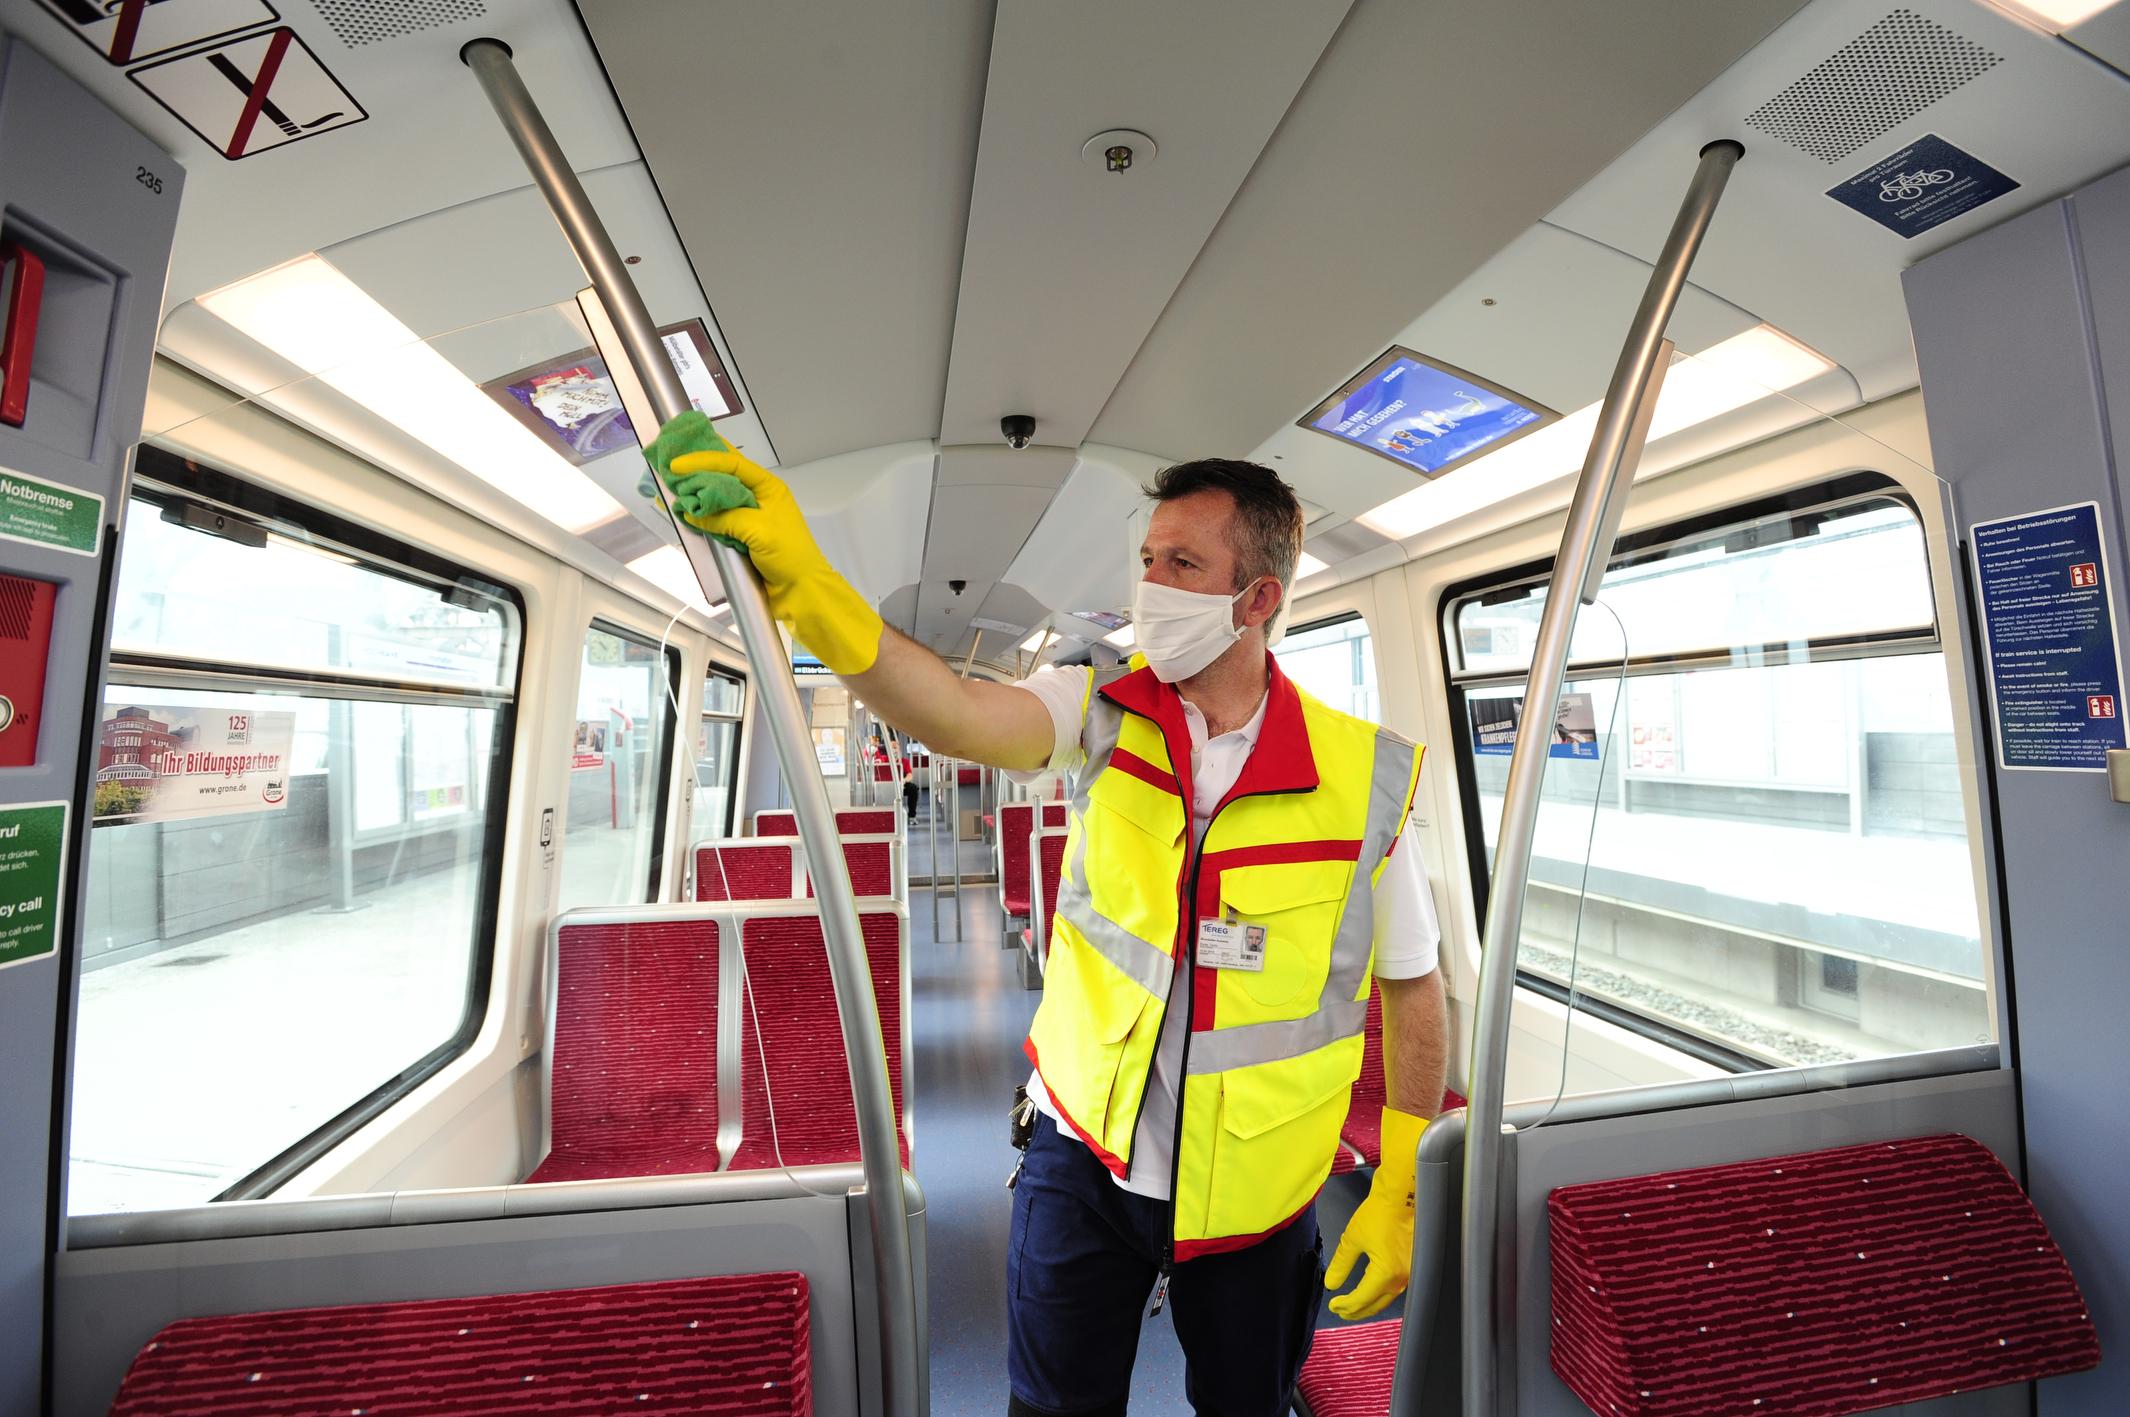 Kollege der Tereg desinfiziert Kontaktflächen in U-Bahn